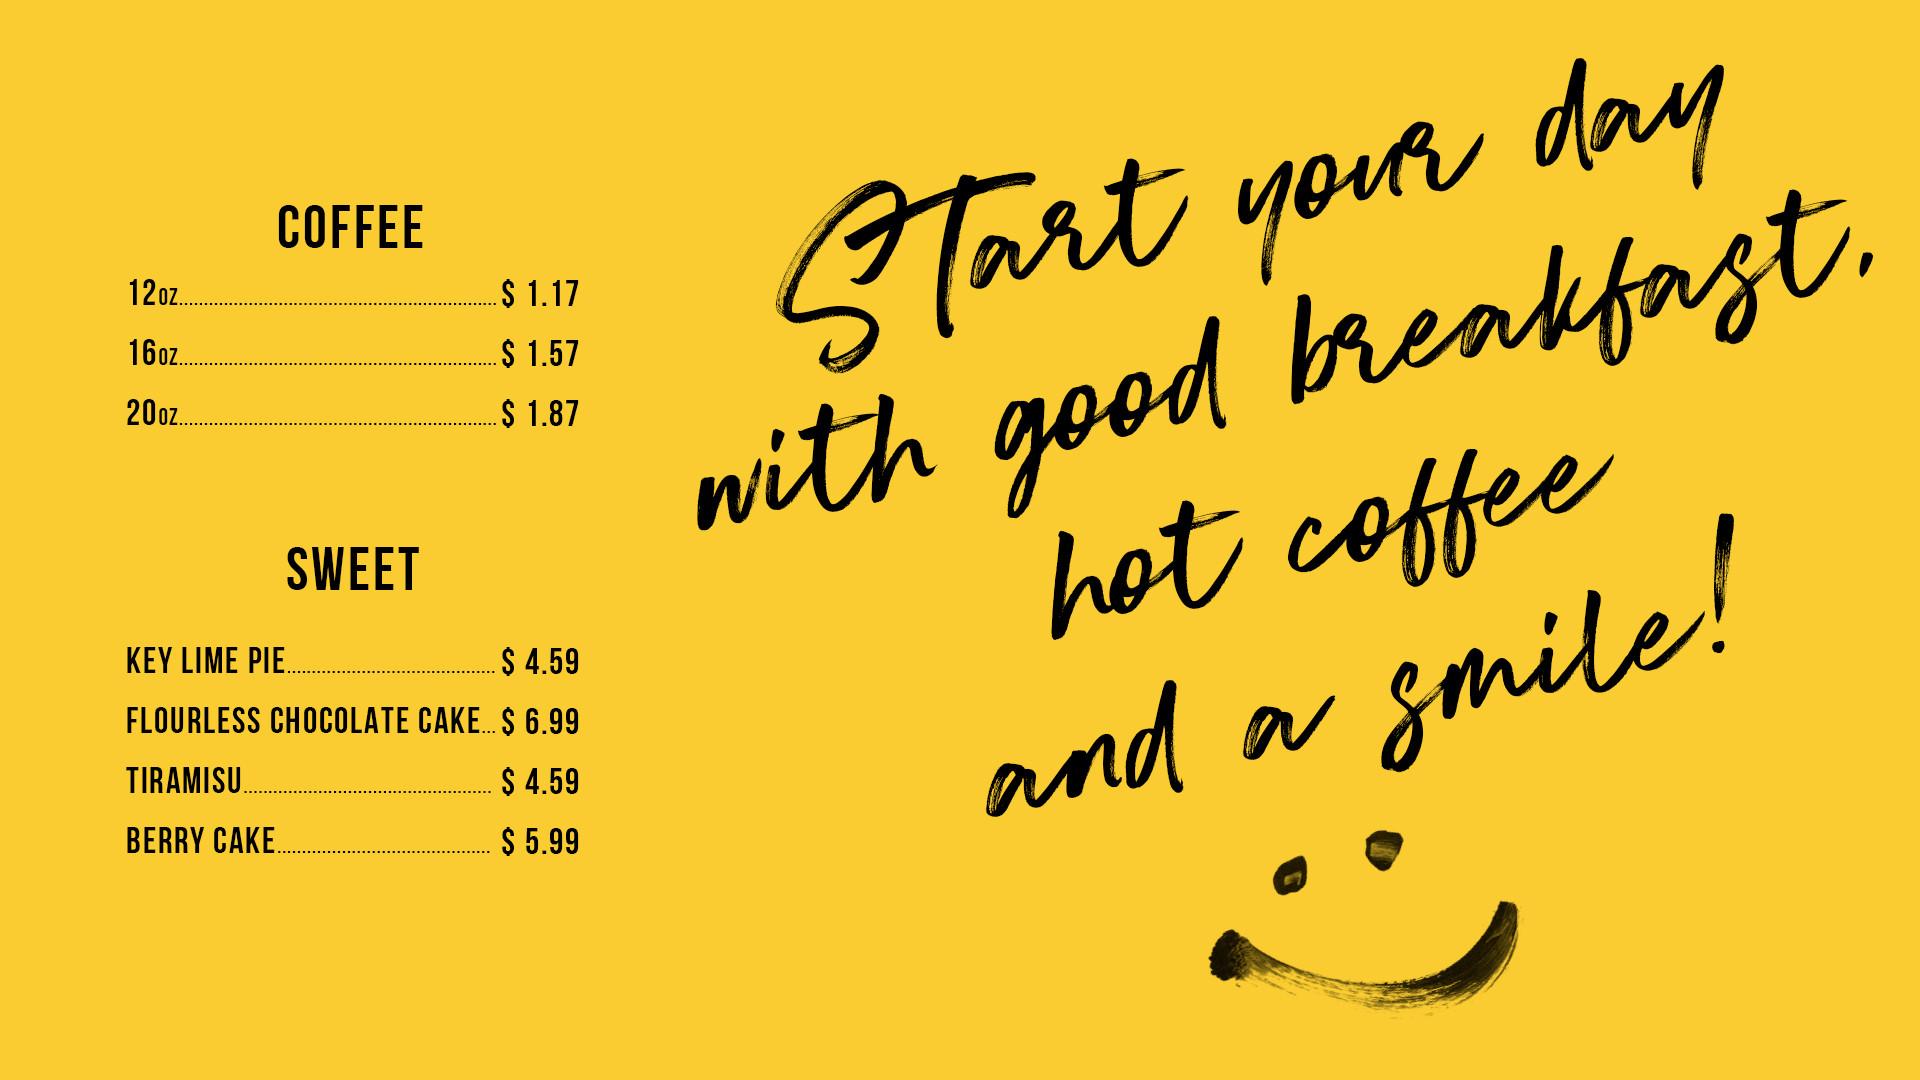 breakfast_coffee.jpg